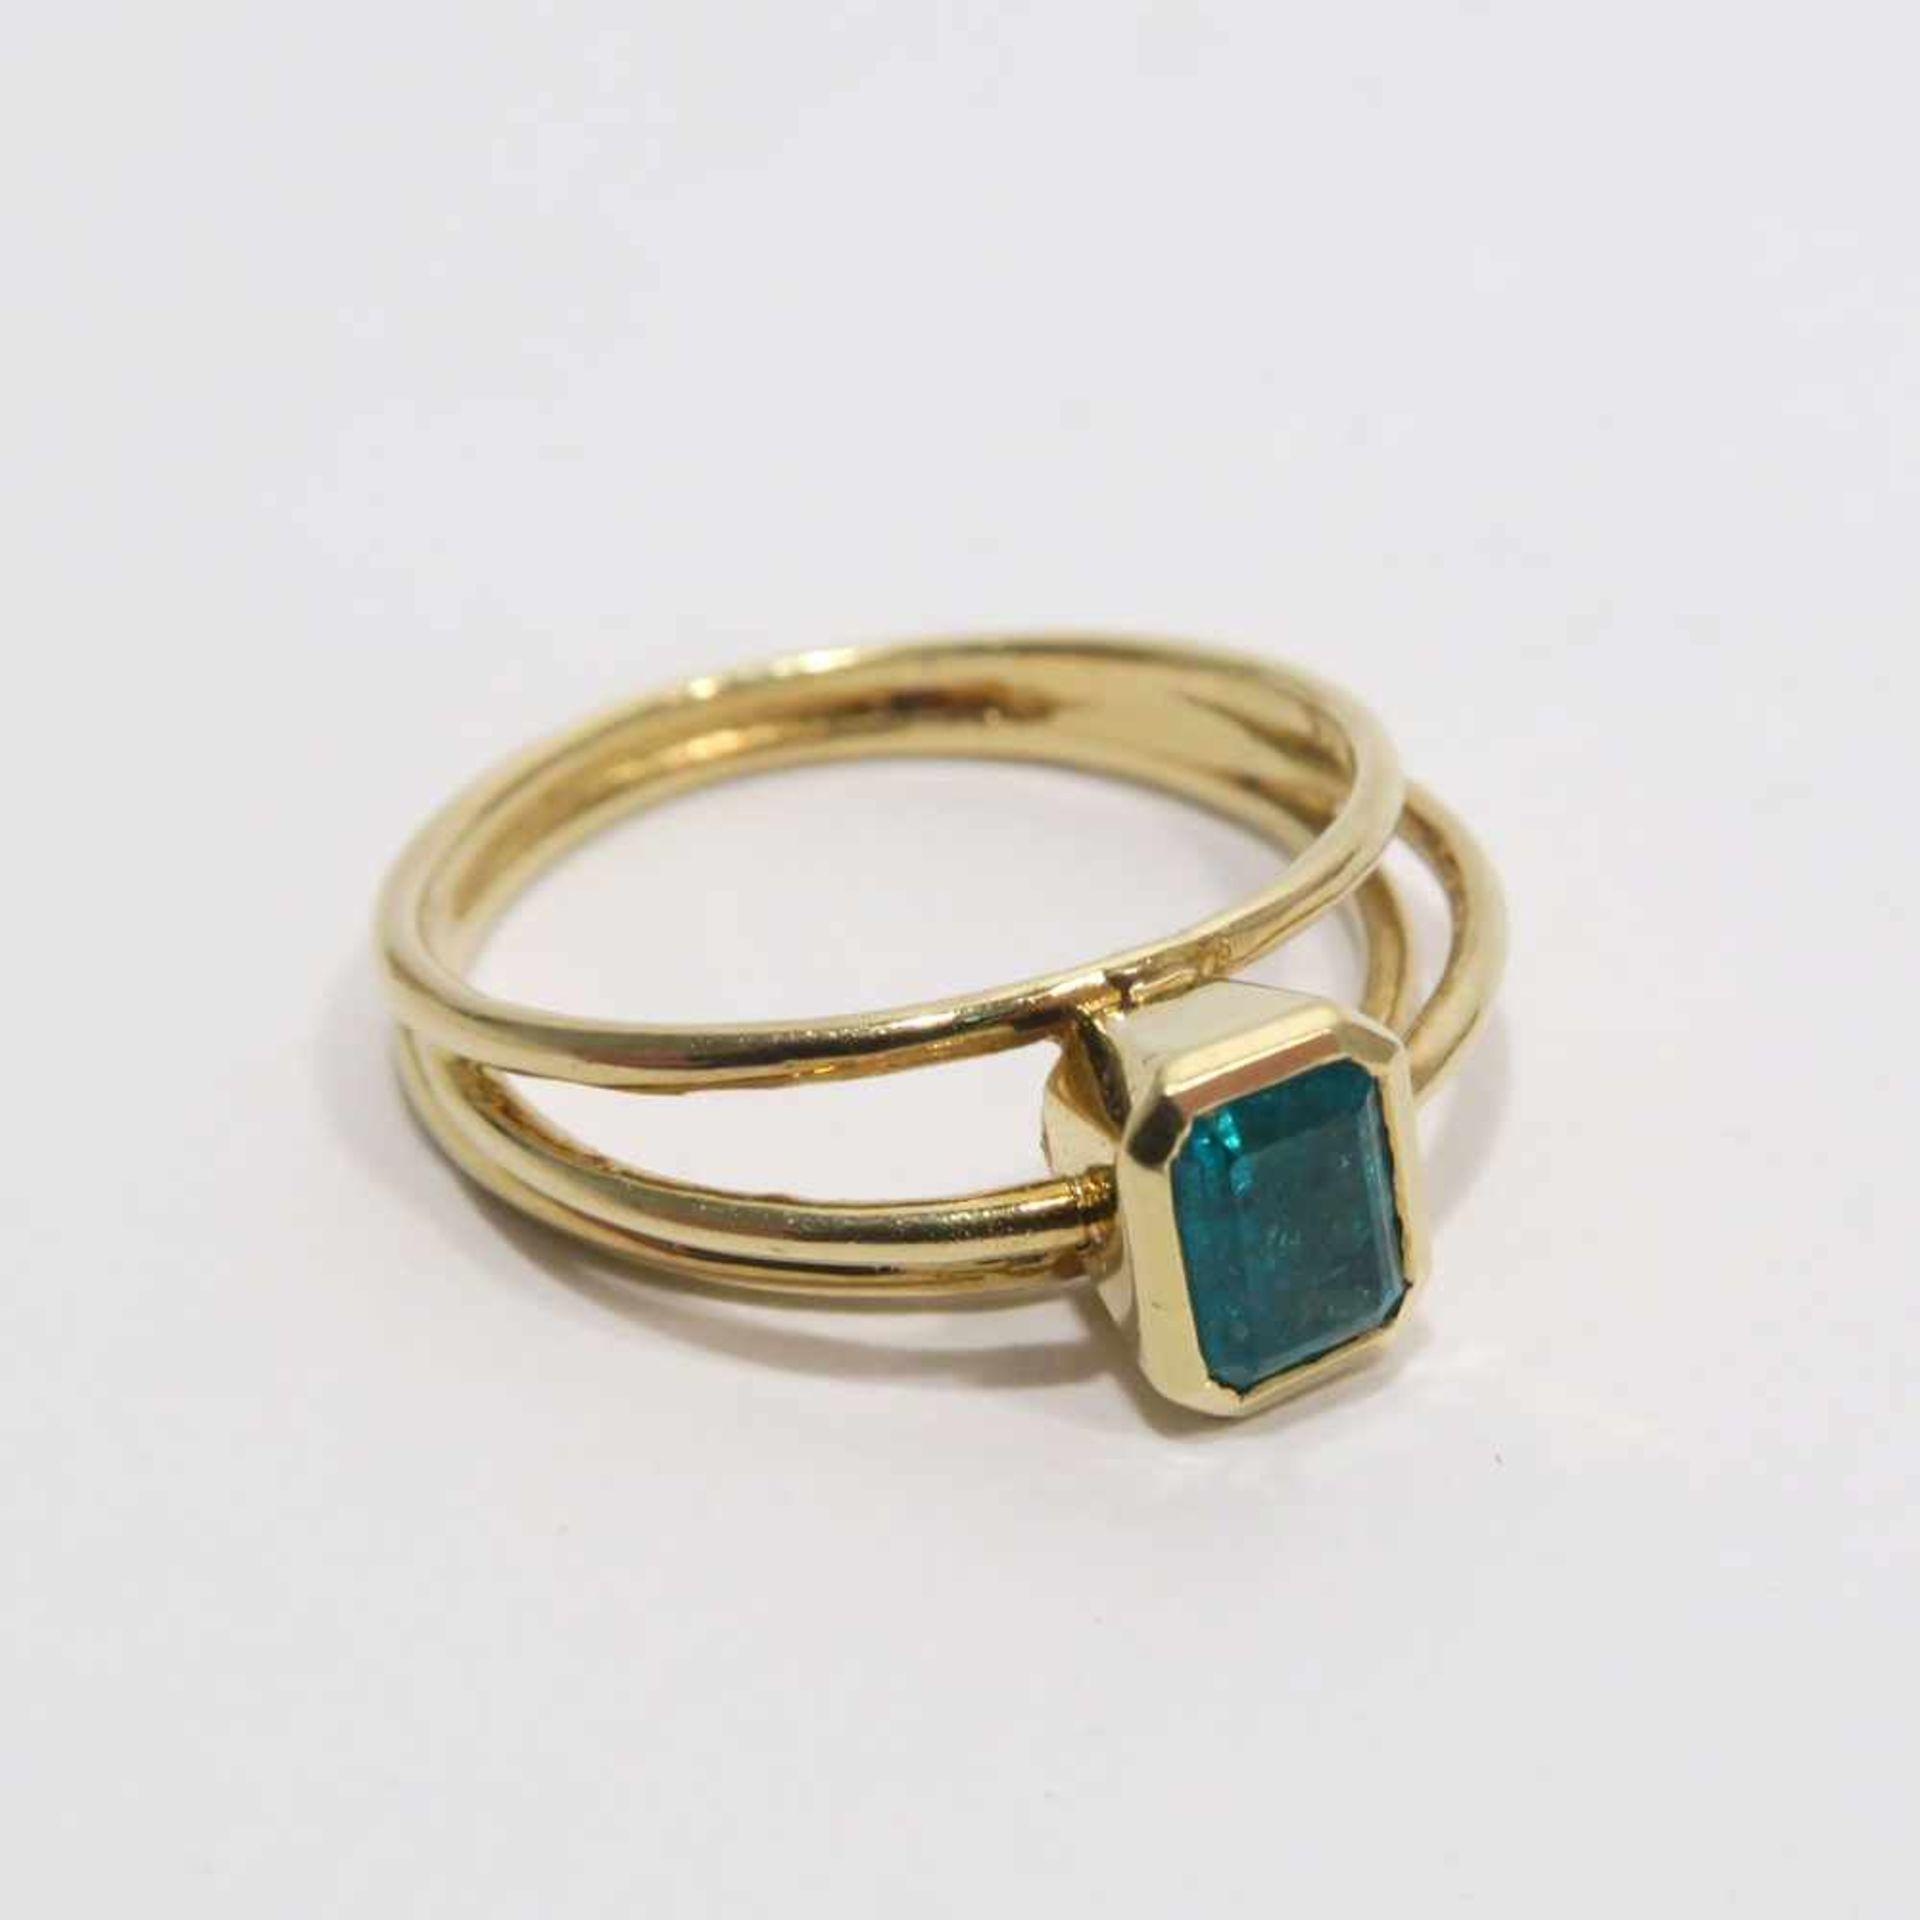 Ring18 K GG, (geprüft). Durchbrochene Ringschiene mittig besetzt mit rechteckigem Smaragd. Ringgröße